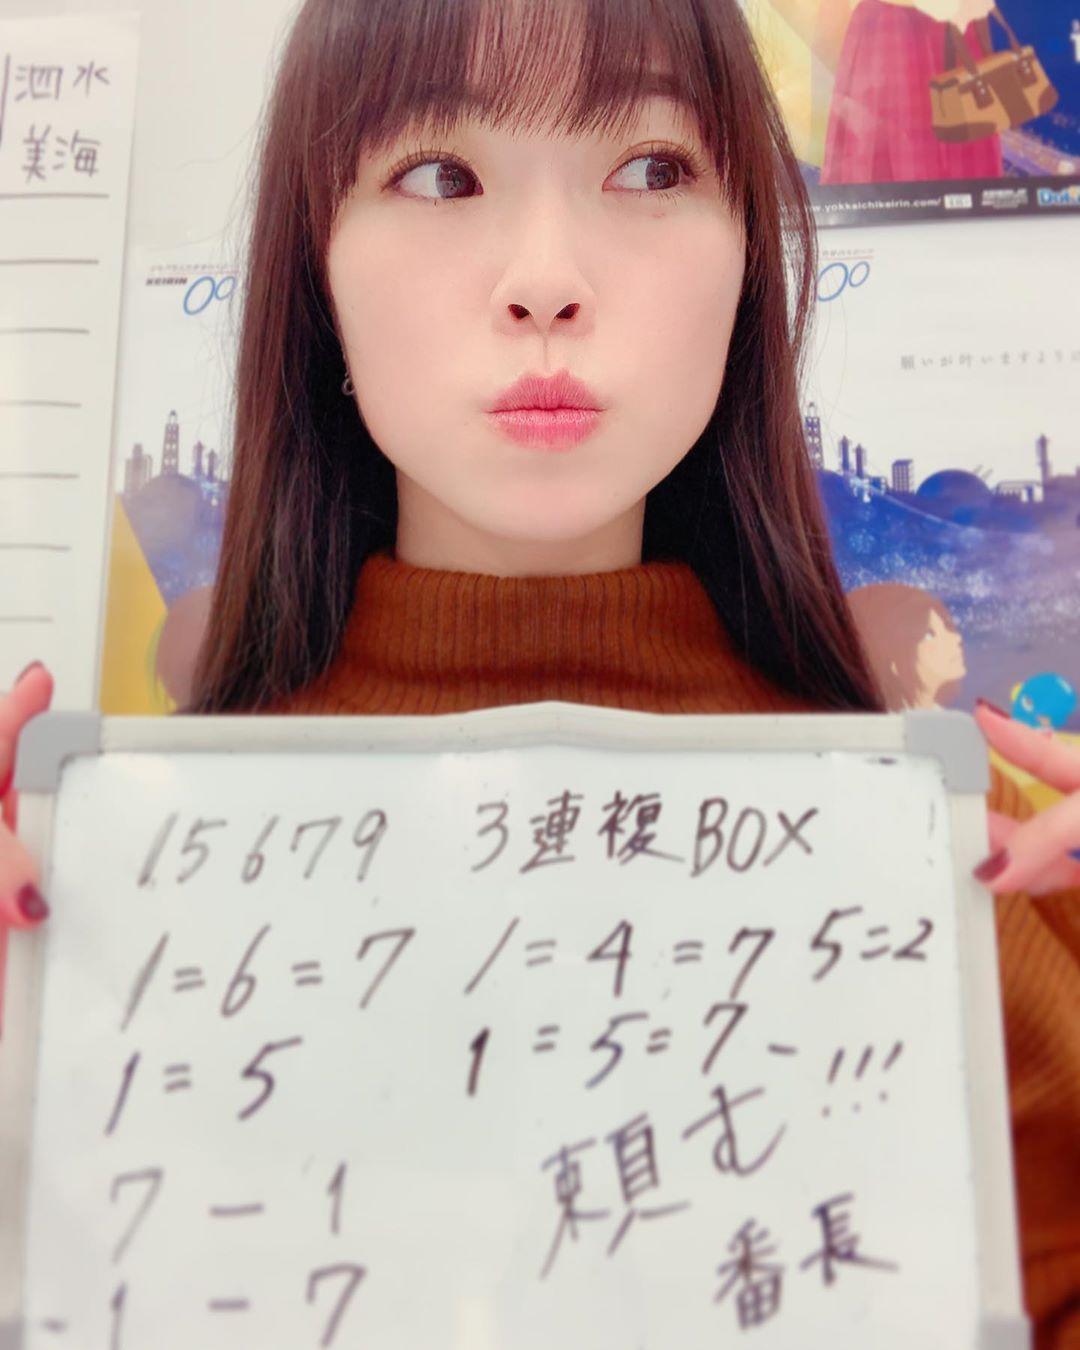 oda_asuka072.jpg